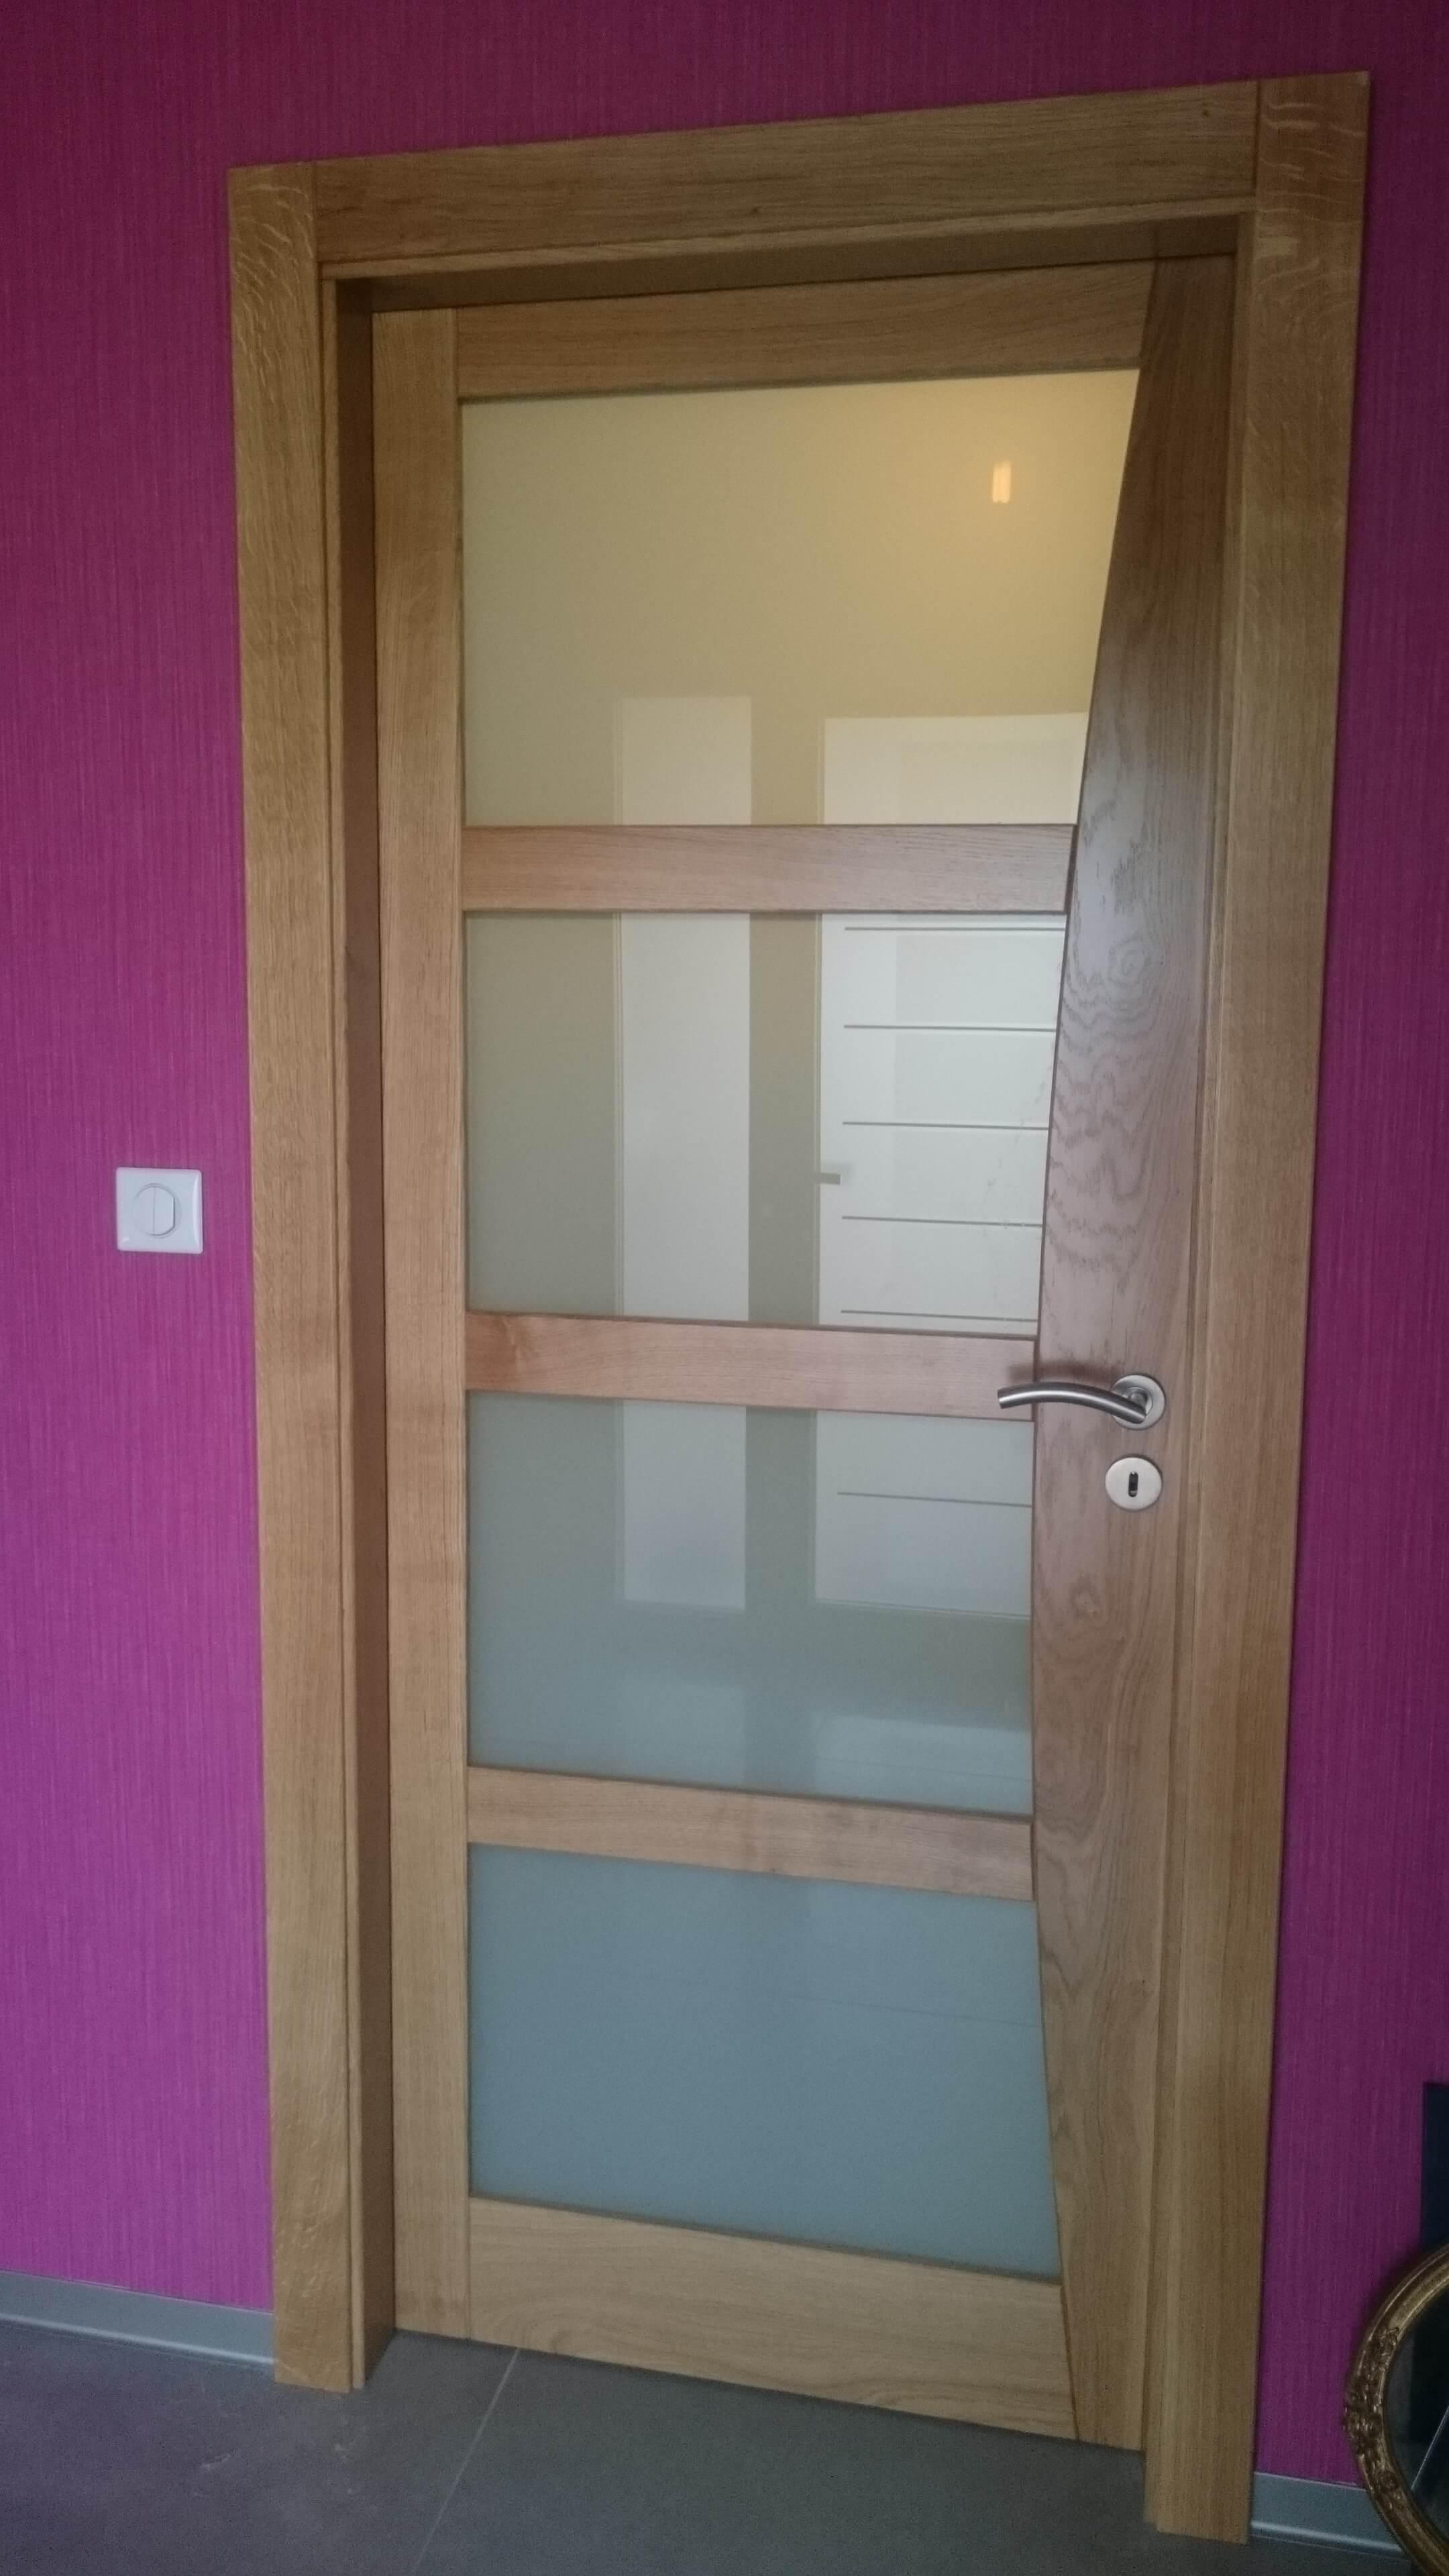 Menuiserie Figard - Fabrication sur mesure - Porte d'intérieure - Chêne vitrage opale- Vesoul